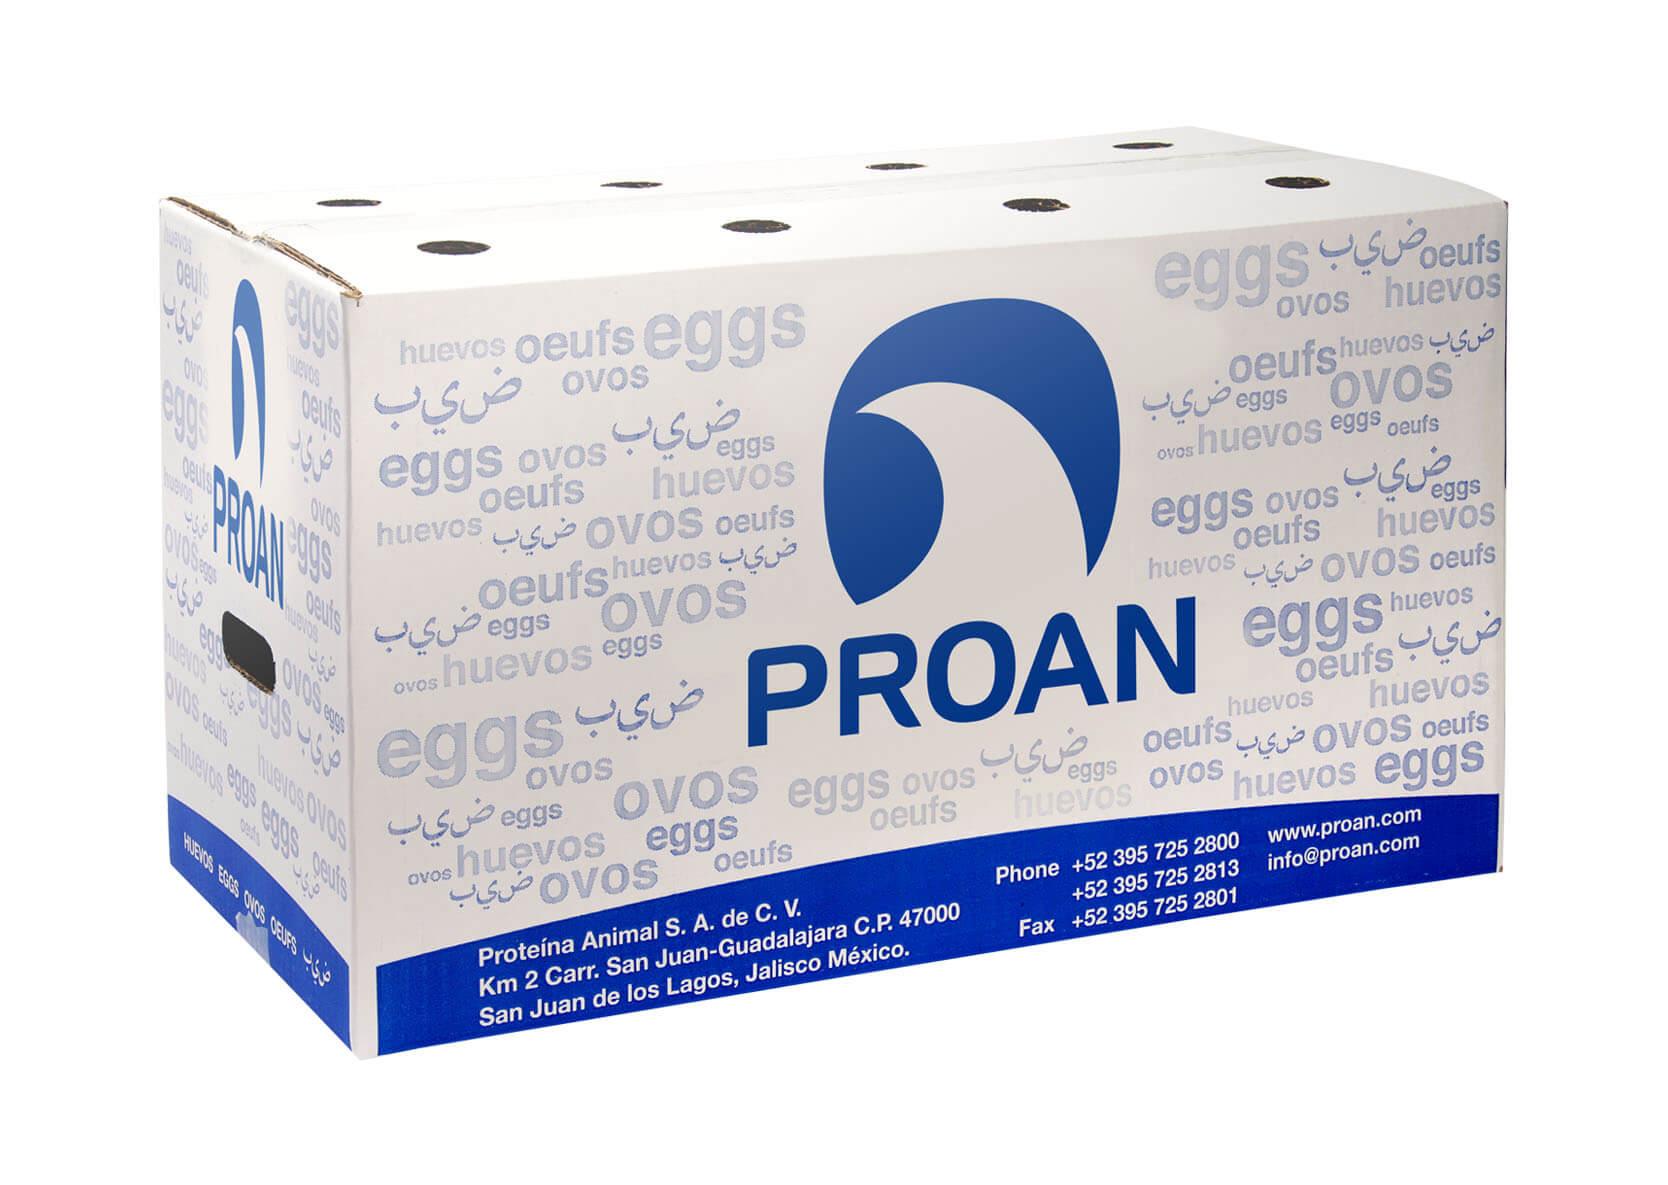 proan packaging